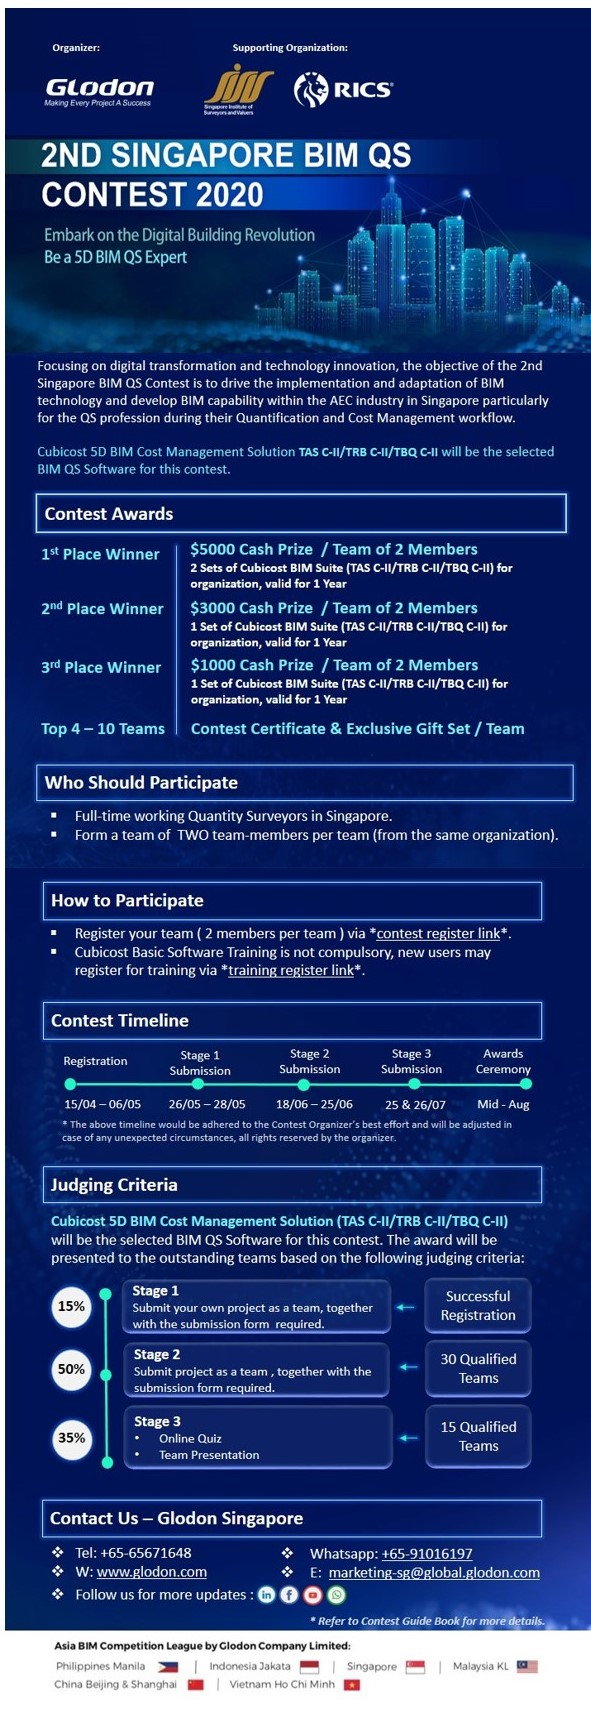 Singapore BIM QS Contest 2020